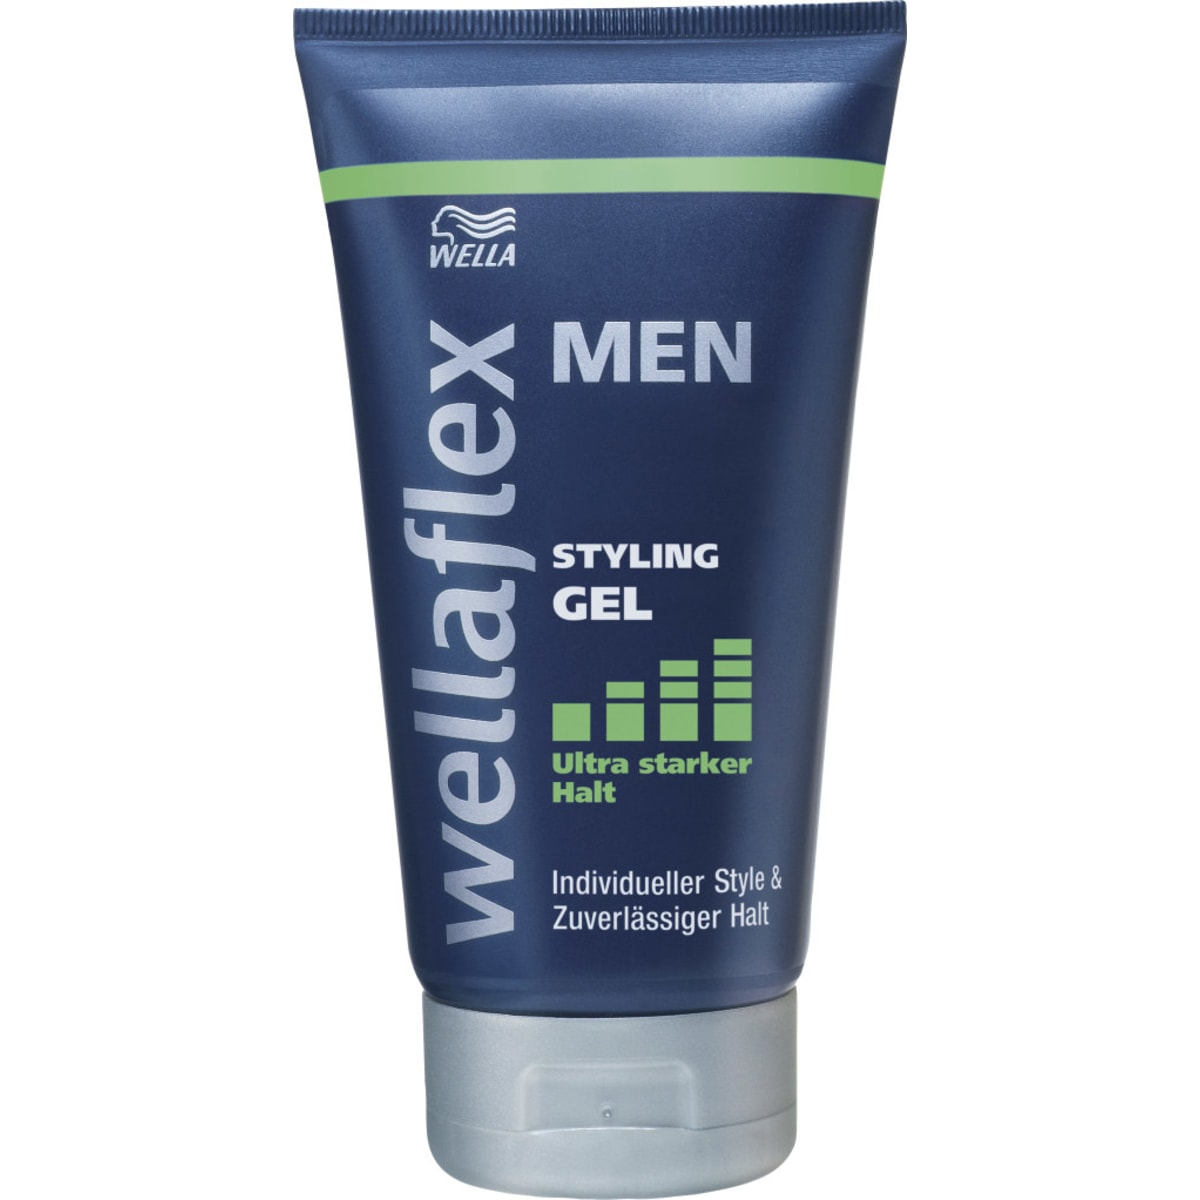 WF Men Gel Styling